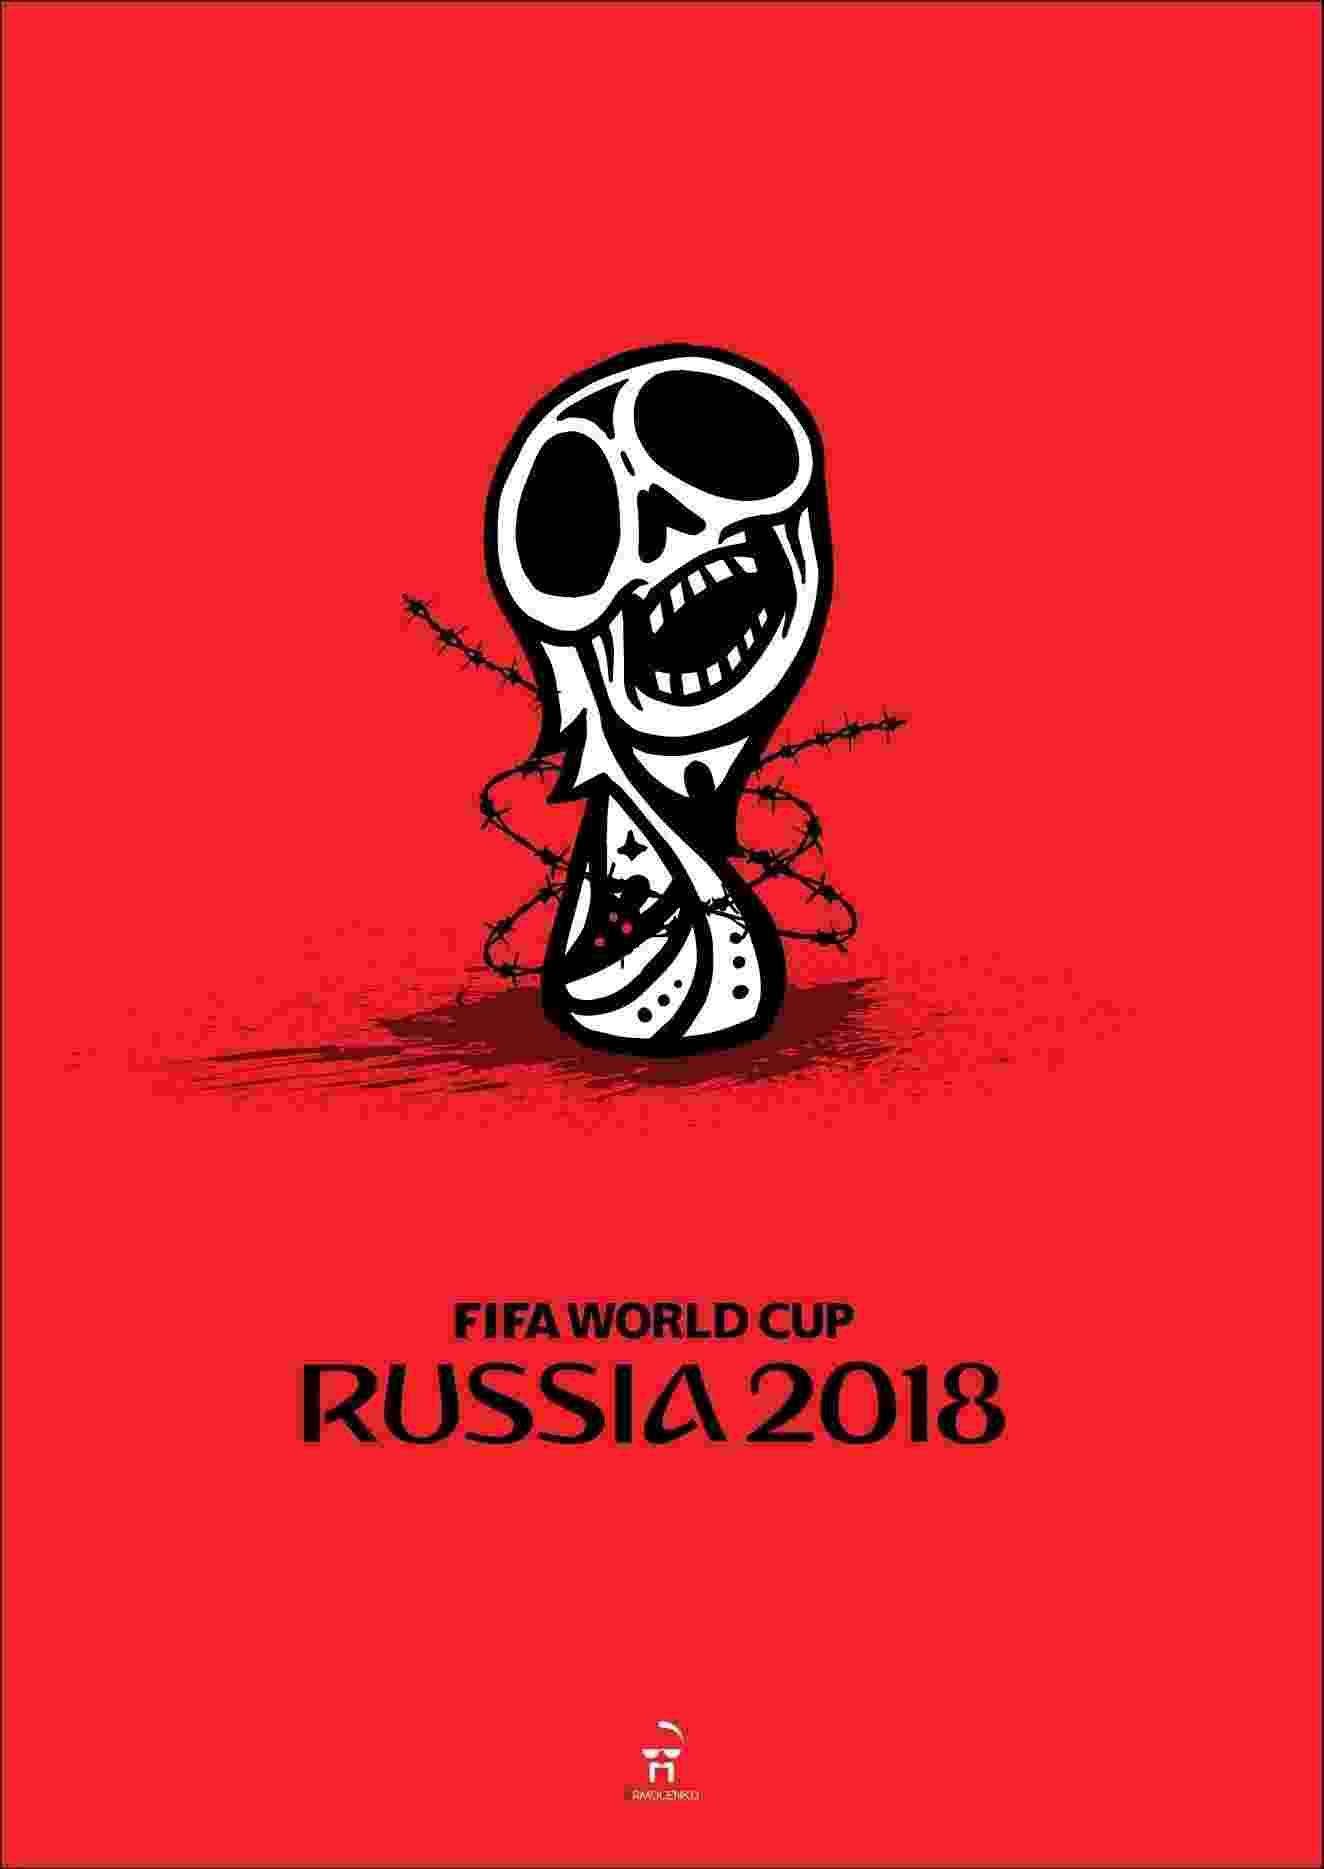 Cartaz critica Copa do Mundo na Rússia sob ponto de vista ucraniano - Andriy Yermolenko/reprodução Facebook